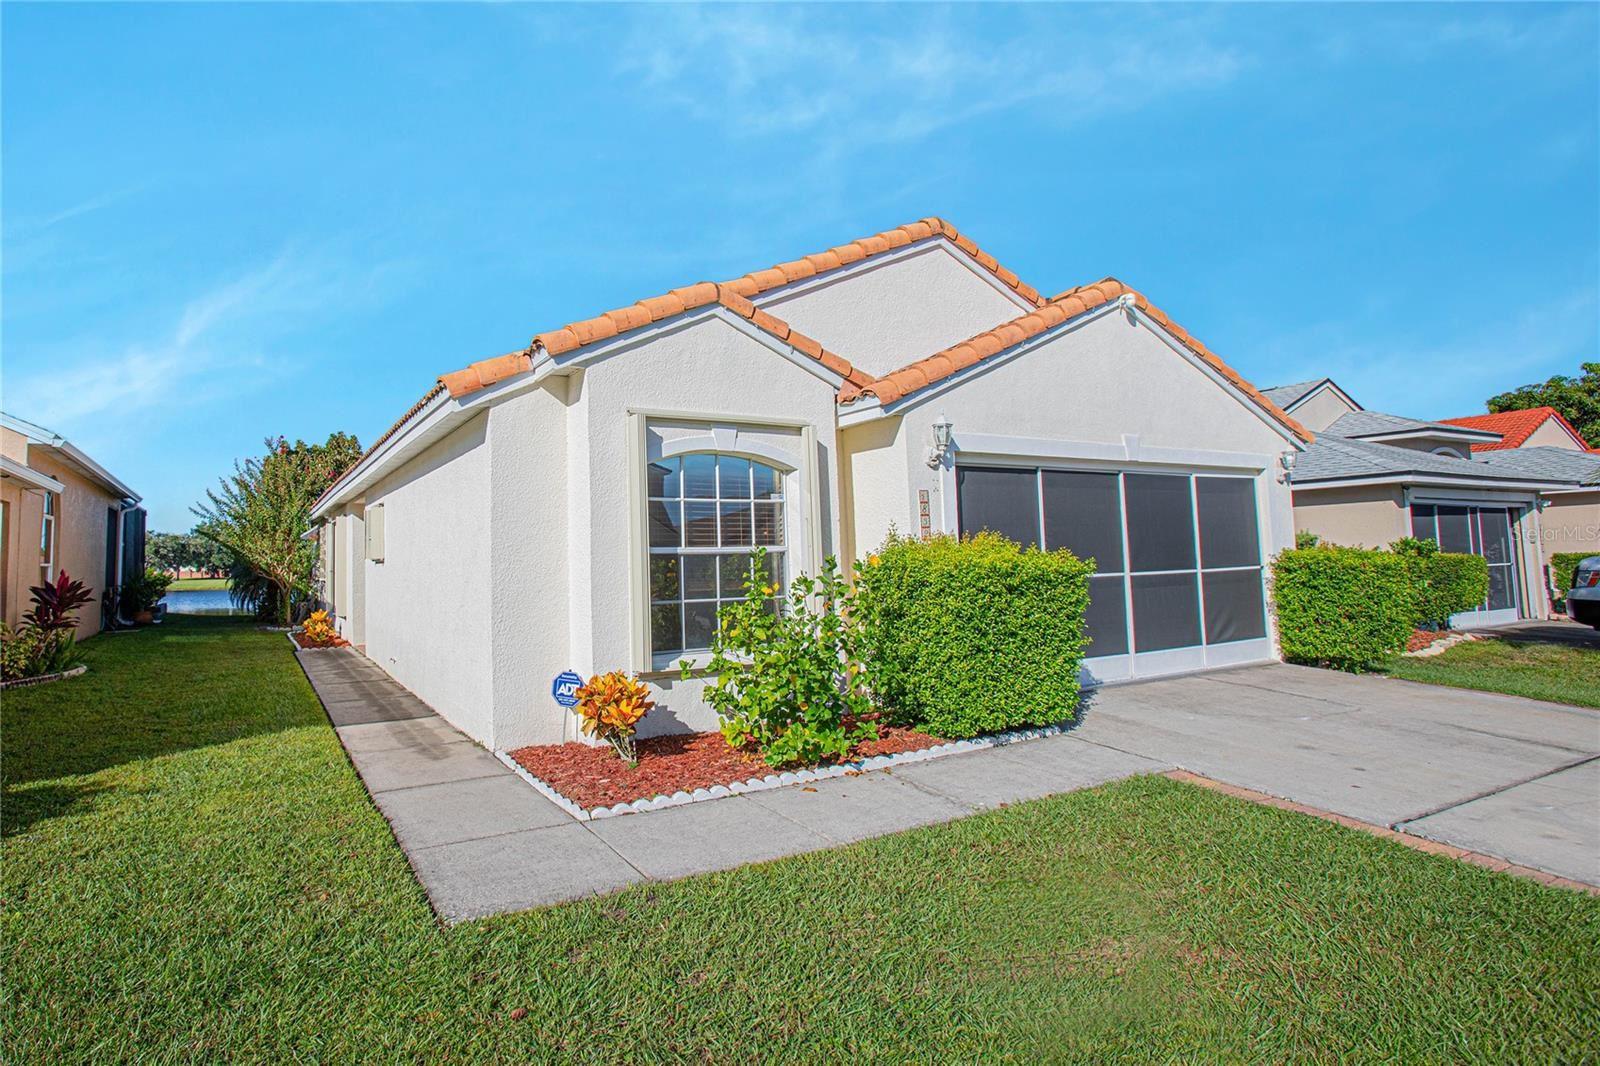 1832 WIMBLEDON STREET, Kissimmee, FL 34743 - #: S5057443